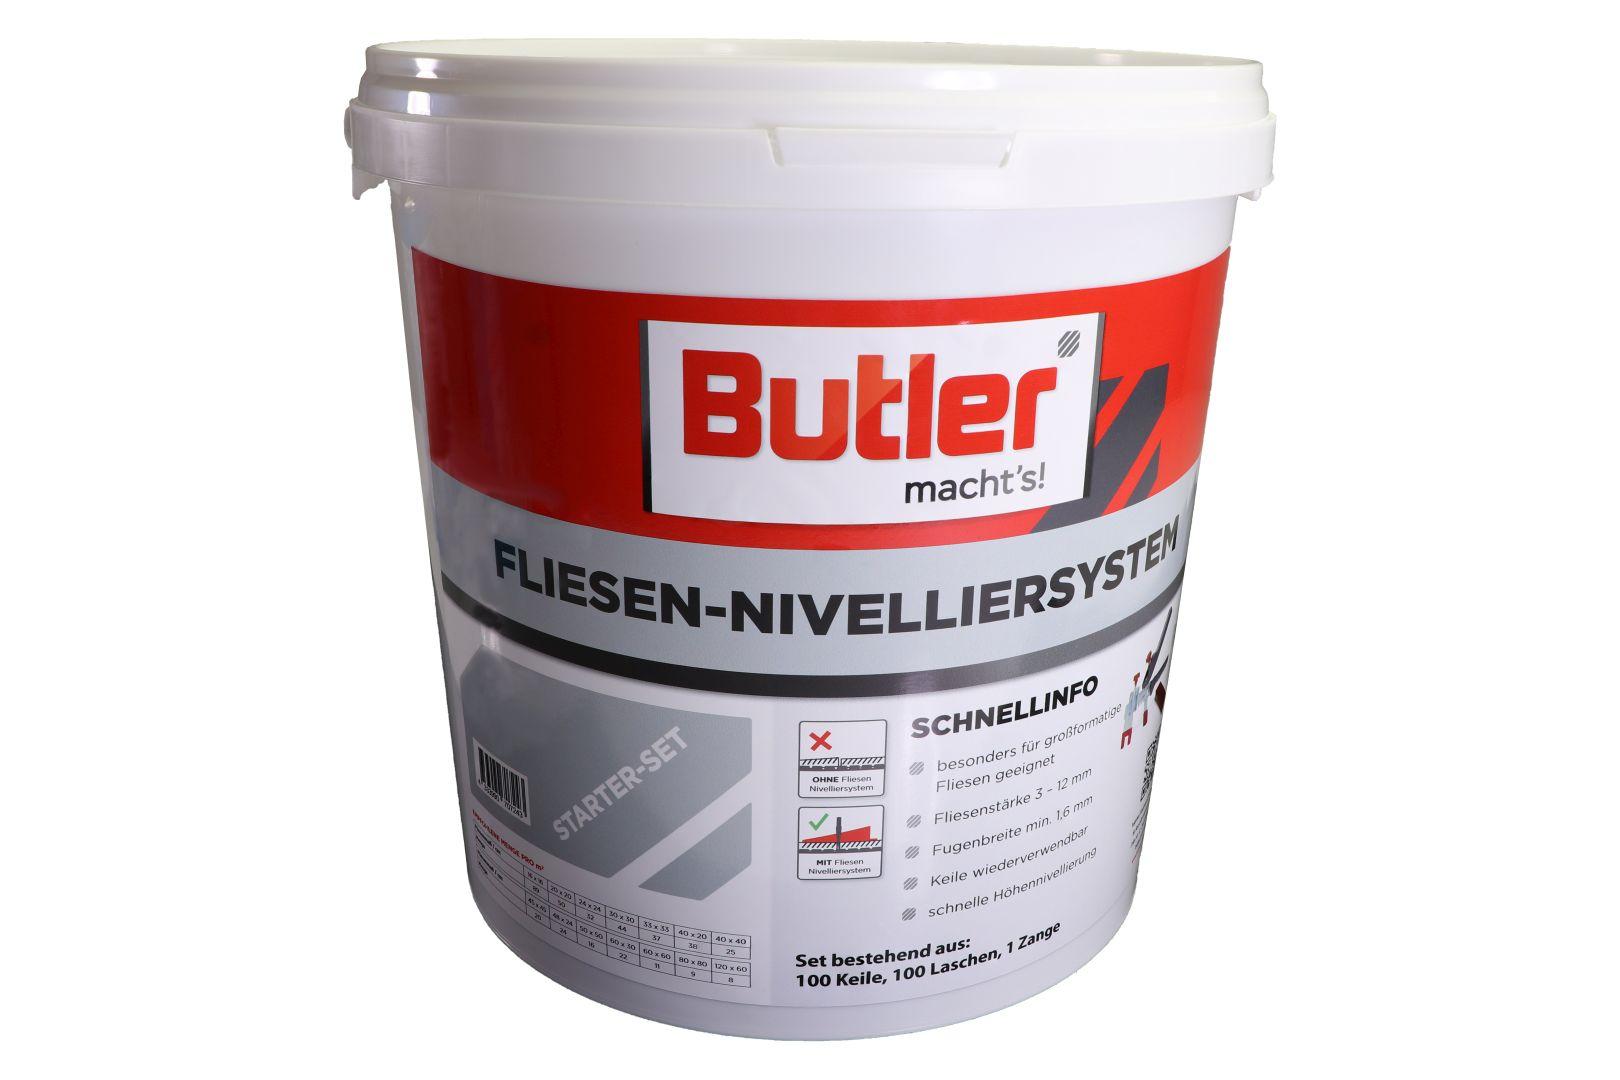 Butler macht's! Fliesen-Nivelliersystem Starter-Set, für 1,6 mm Fugenbreite, 201-teilig